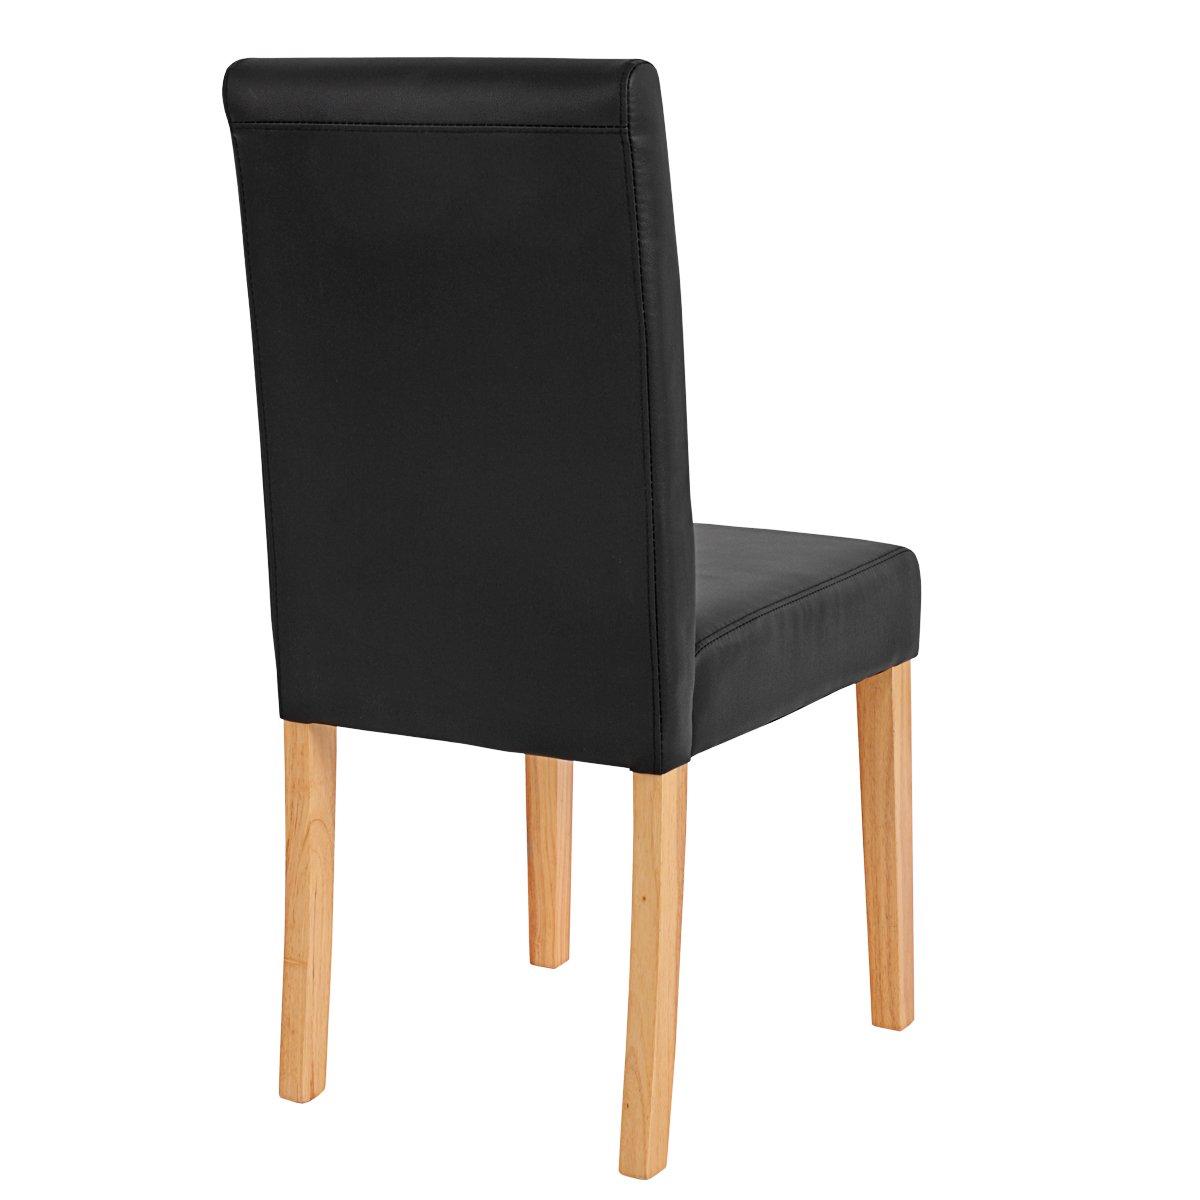 Conjunto 4 sillas de comedor litau en piel mate negra for Sillas de comedor tapizadas en piel